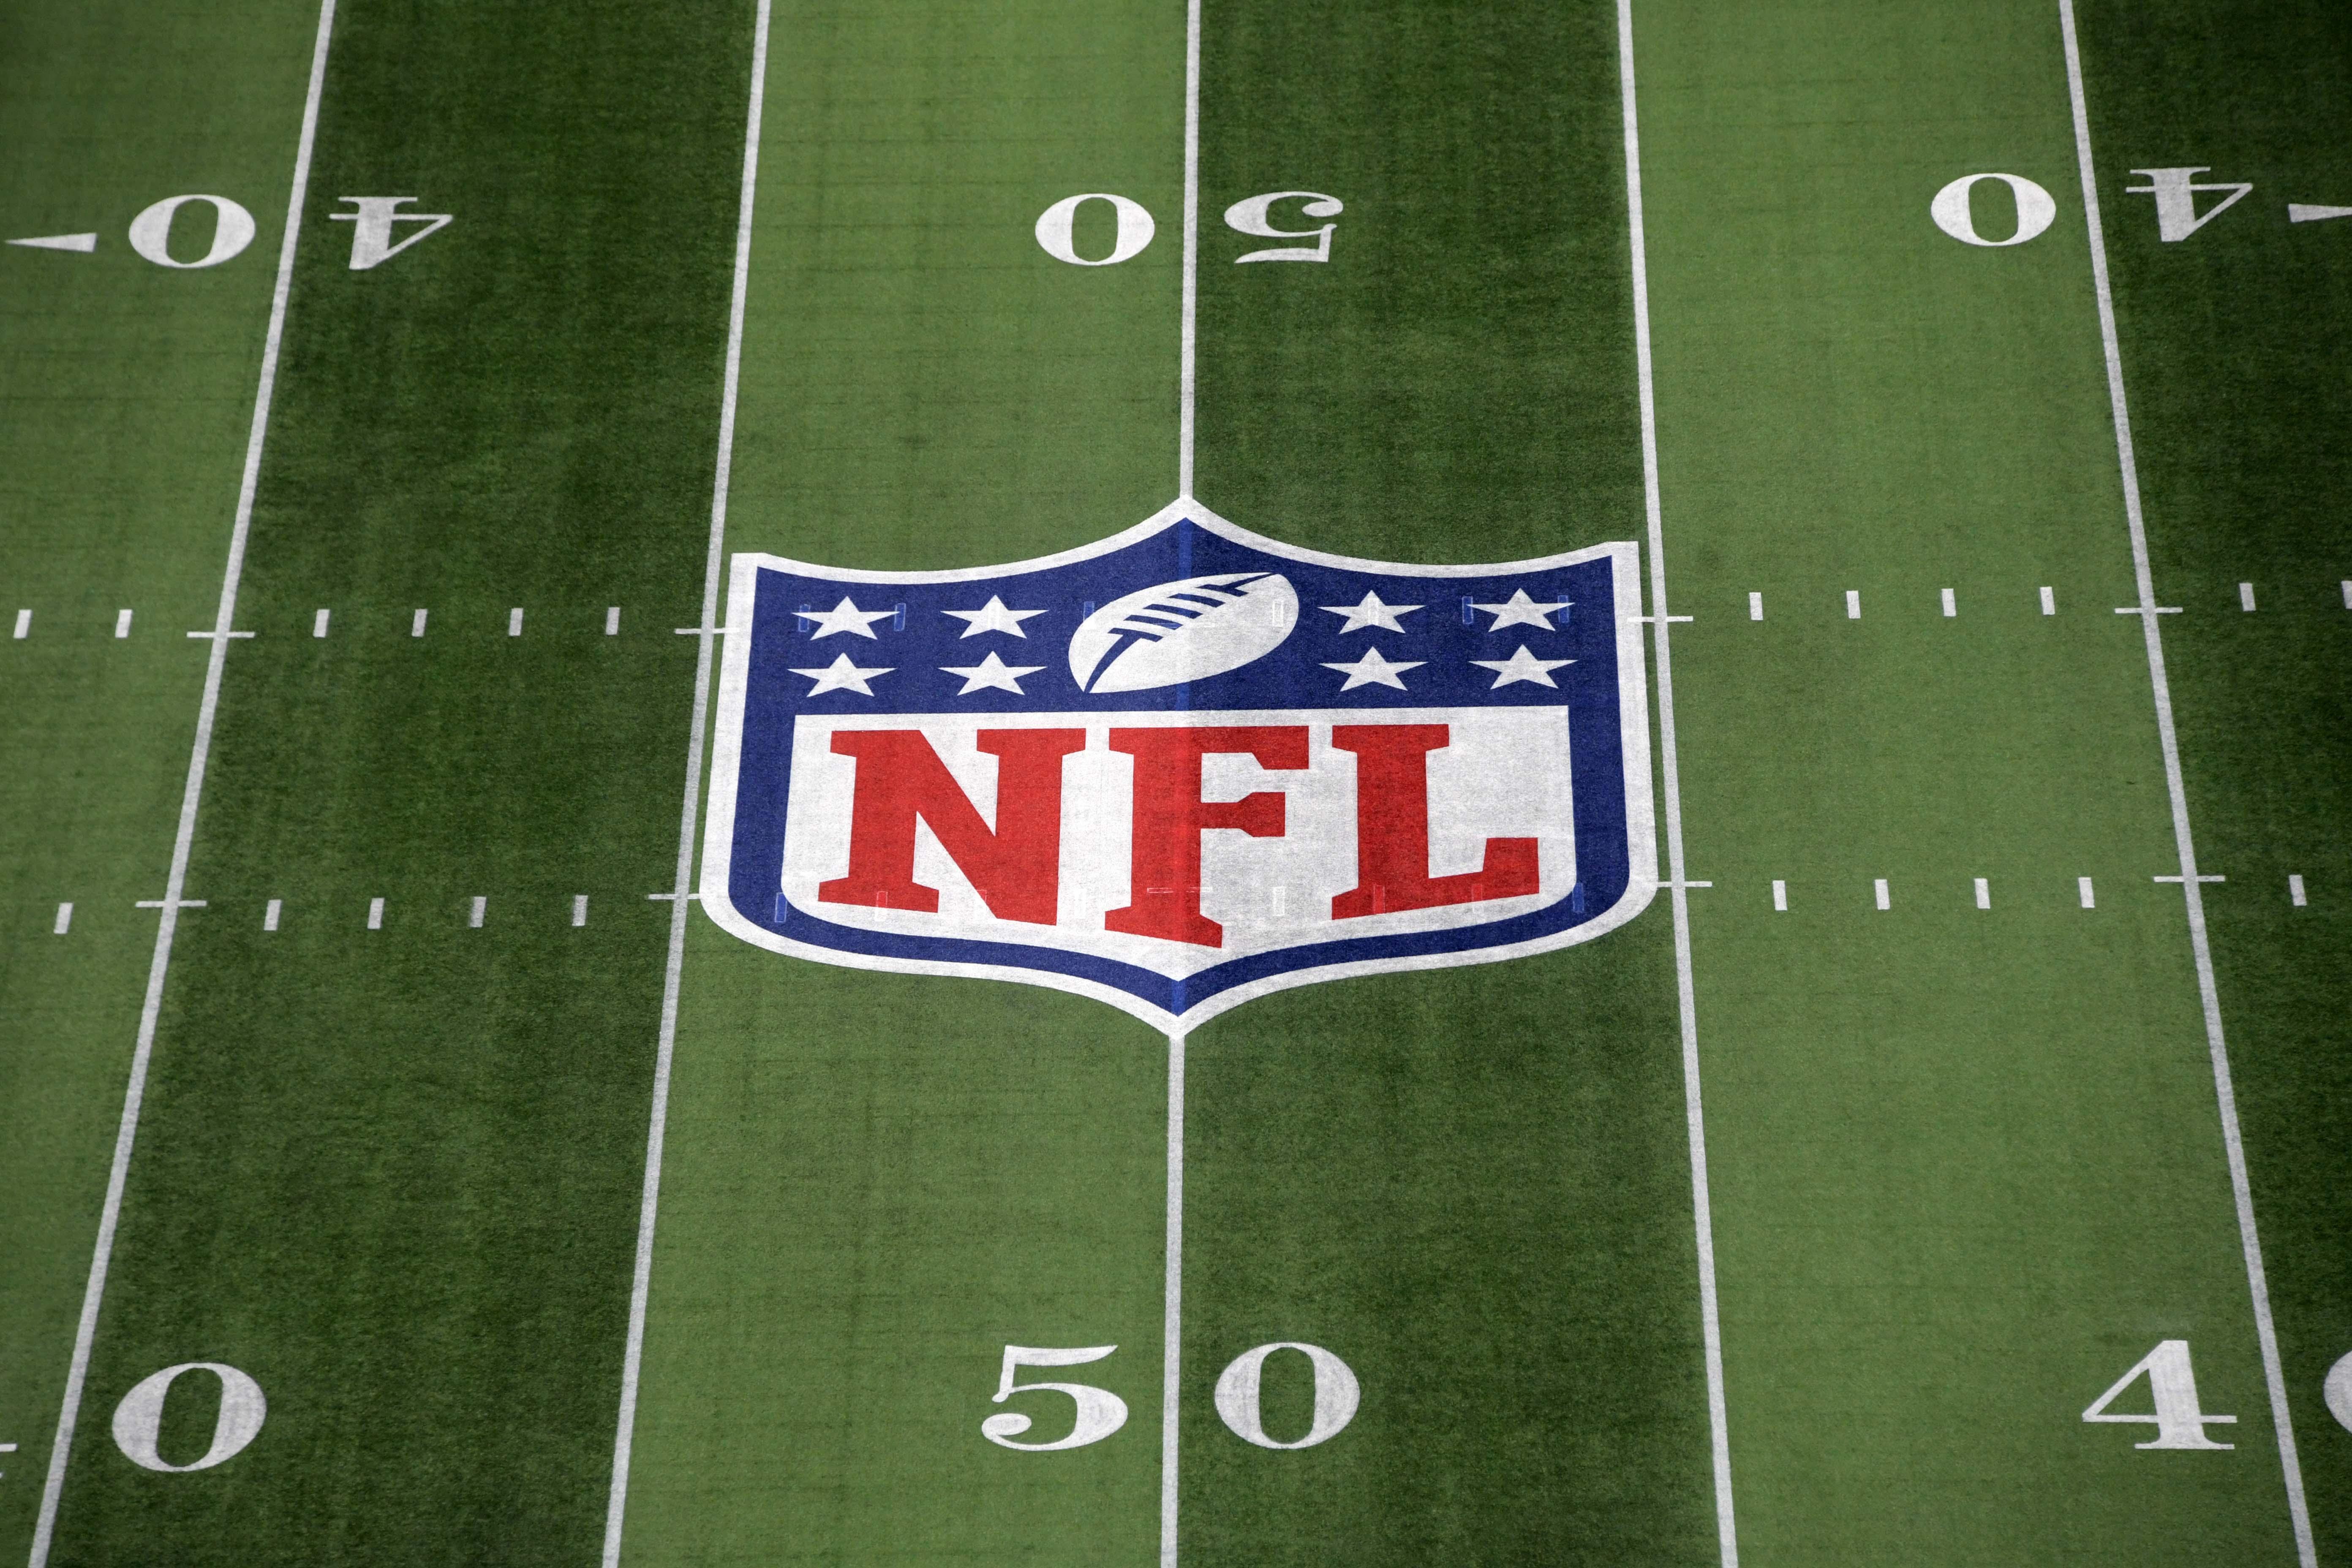 Former Penn State assistant lands job on NFL staff